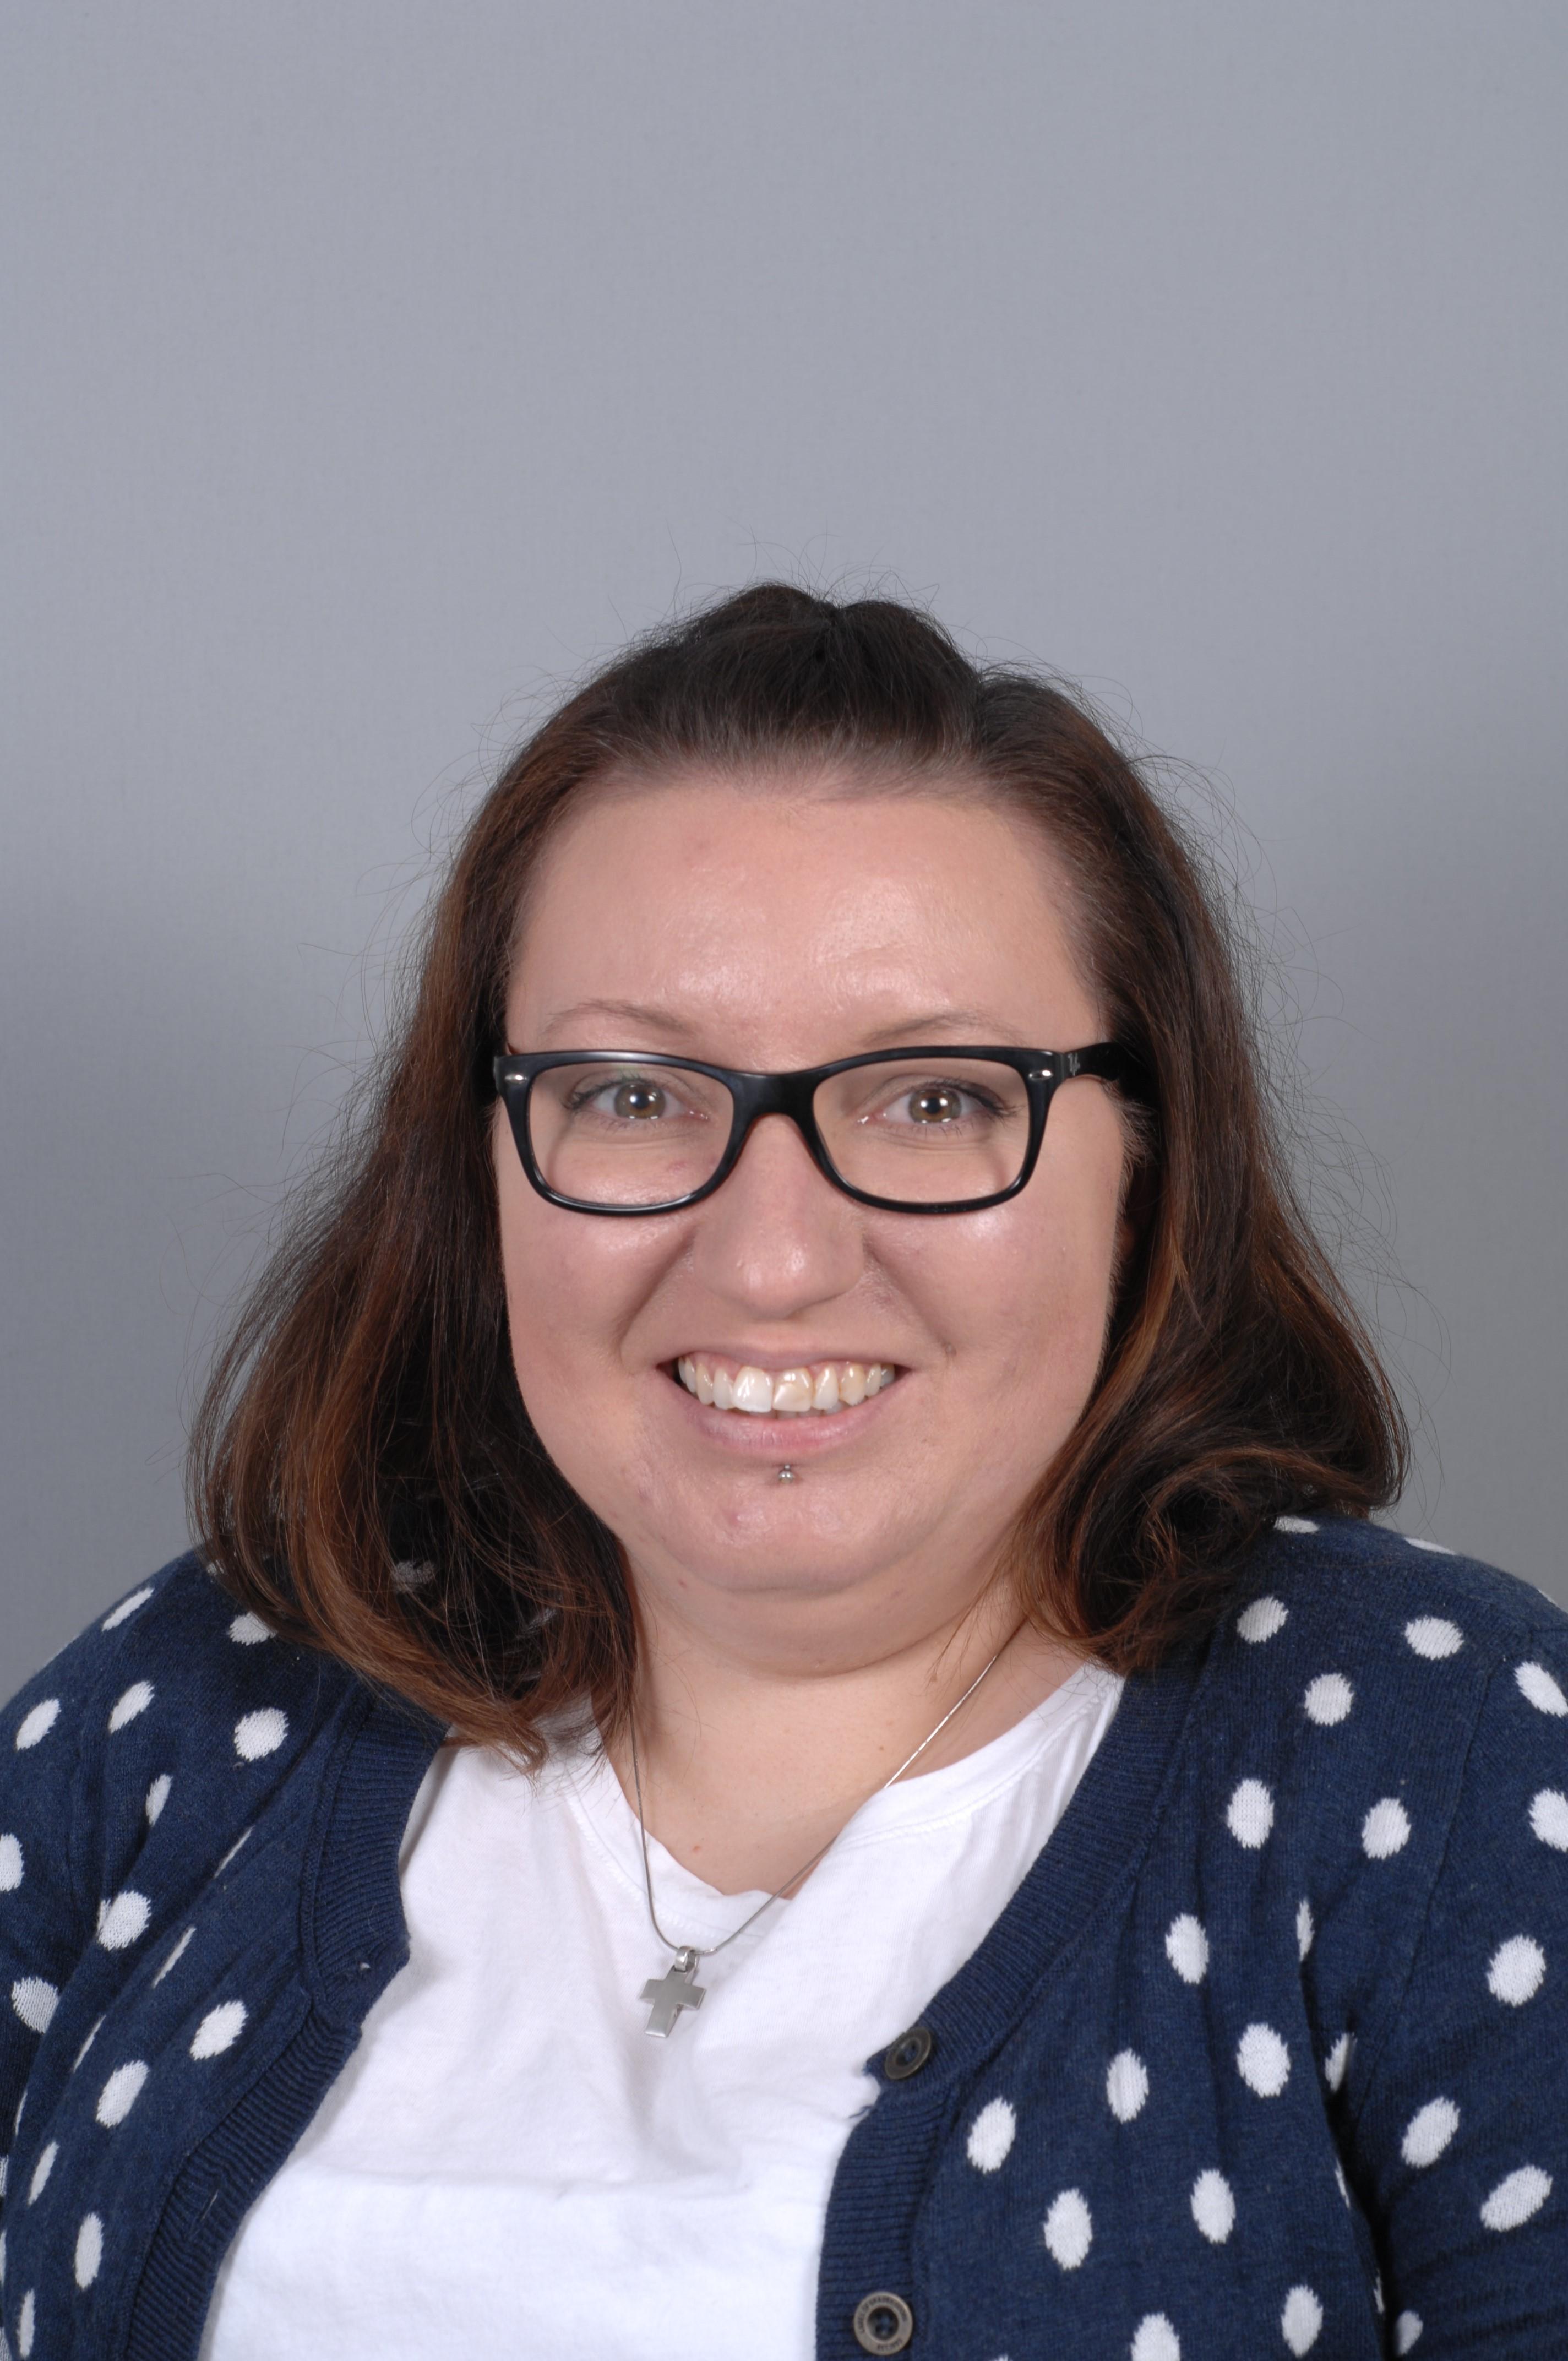 Dominique Freitag, Jusos-Vorsitzende und sachkundige Bürgerin im Sozialausschuss der Gemeinde Hünxe